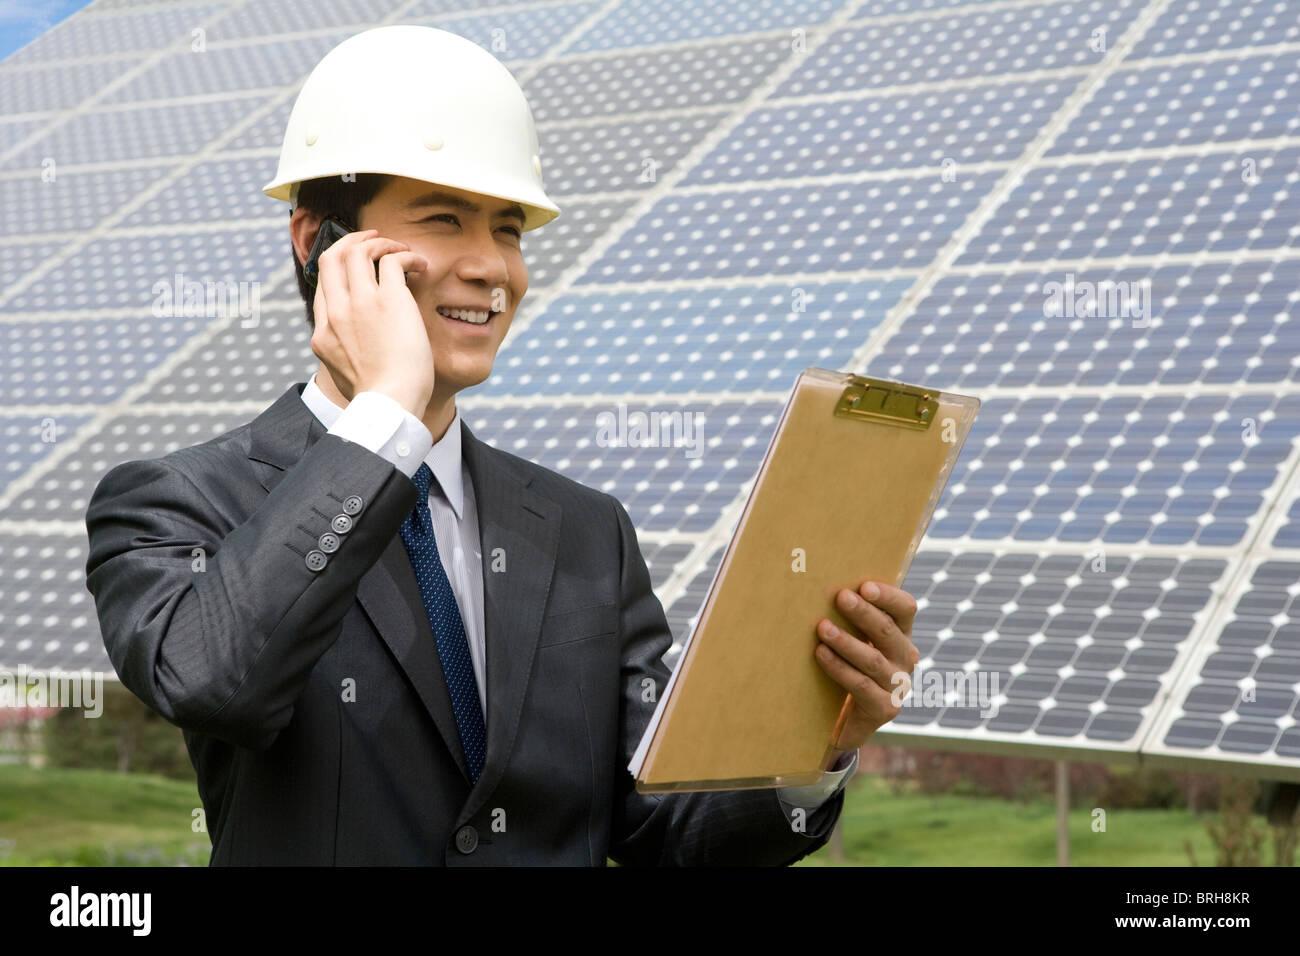 Retrato de un ingeniero en frente de paneles solares Imagen De Stock